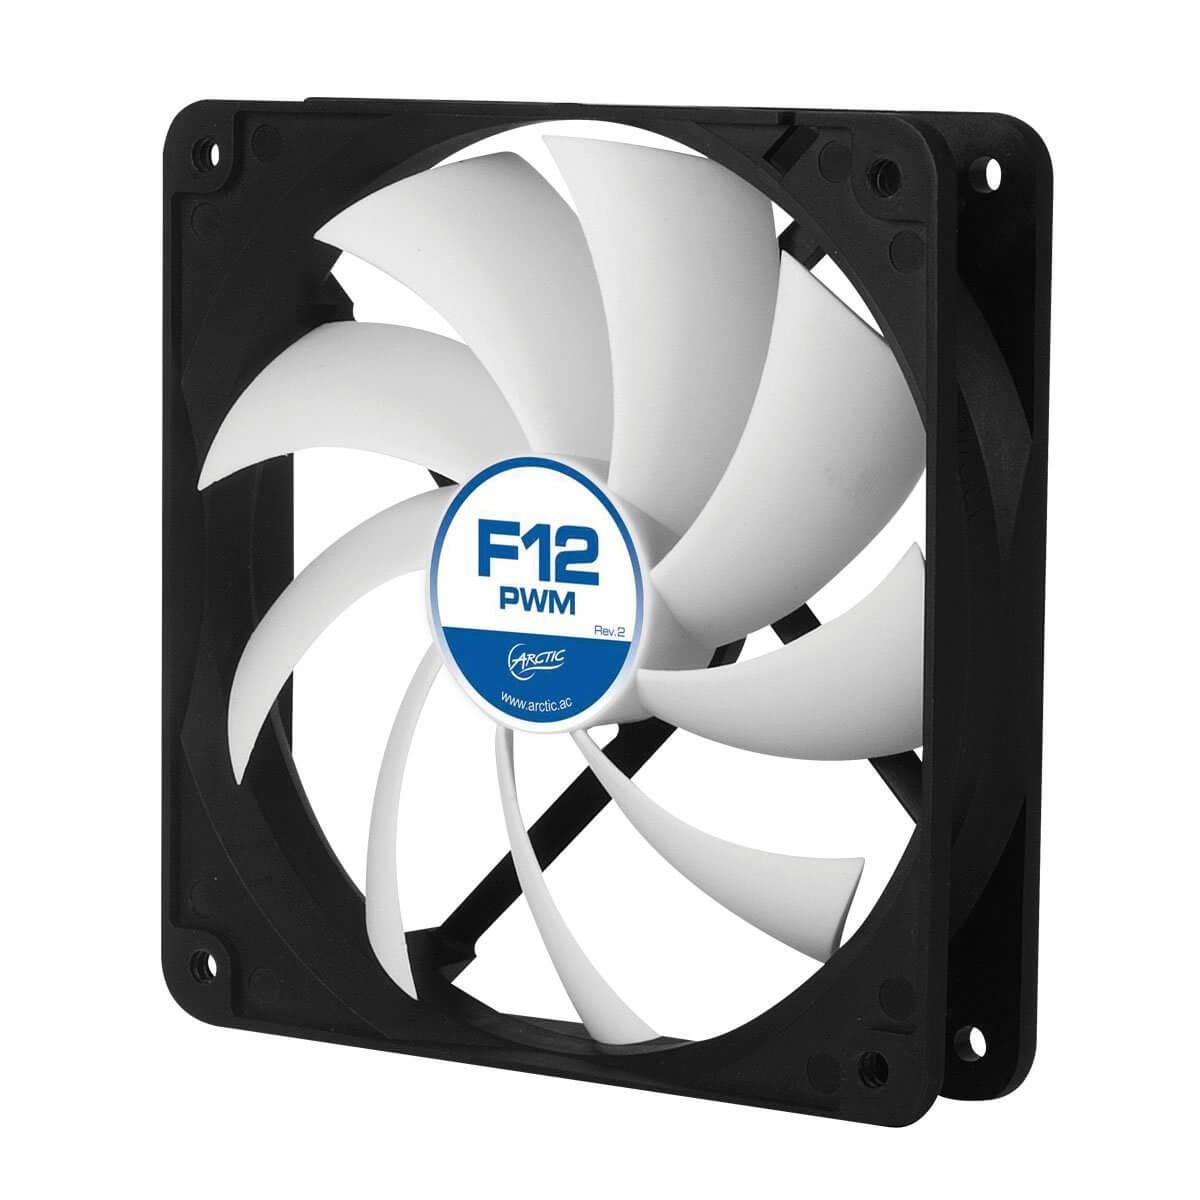 ARCTIC F12 PWM Rev. 2 120mm case fan